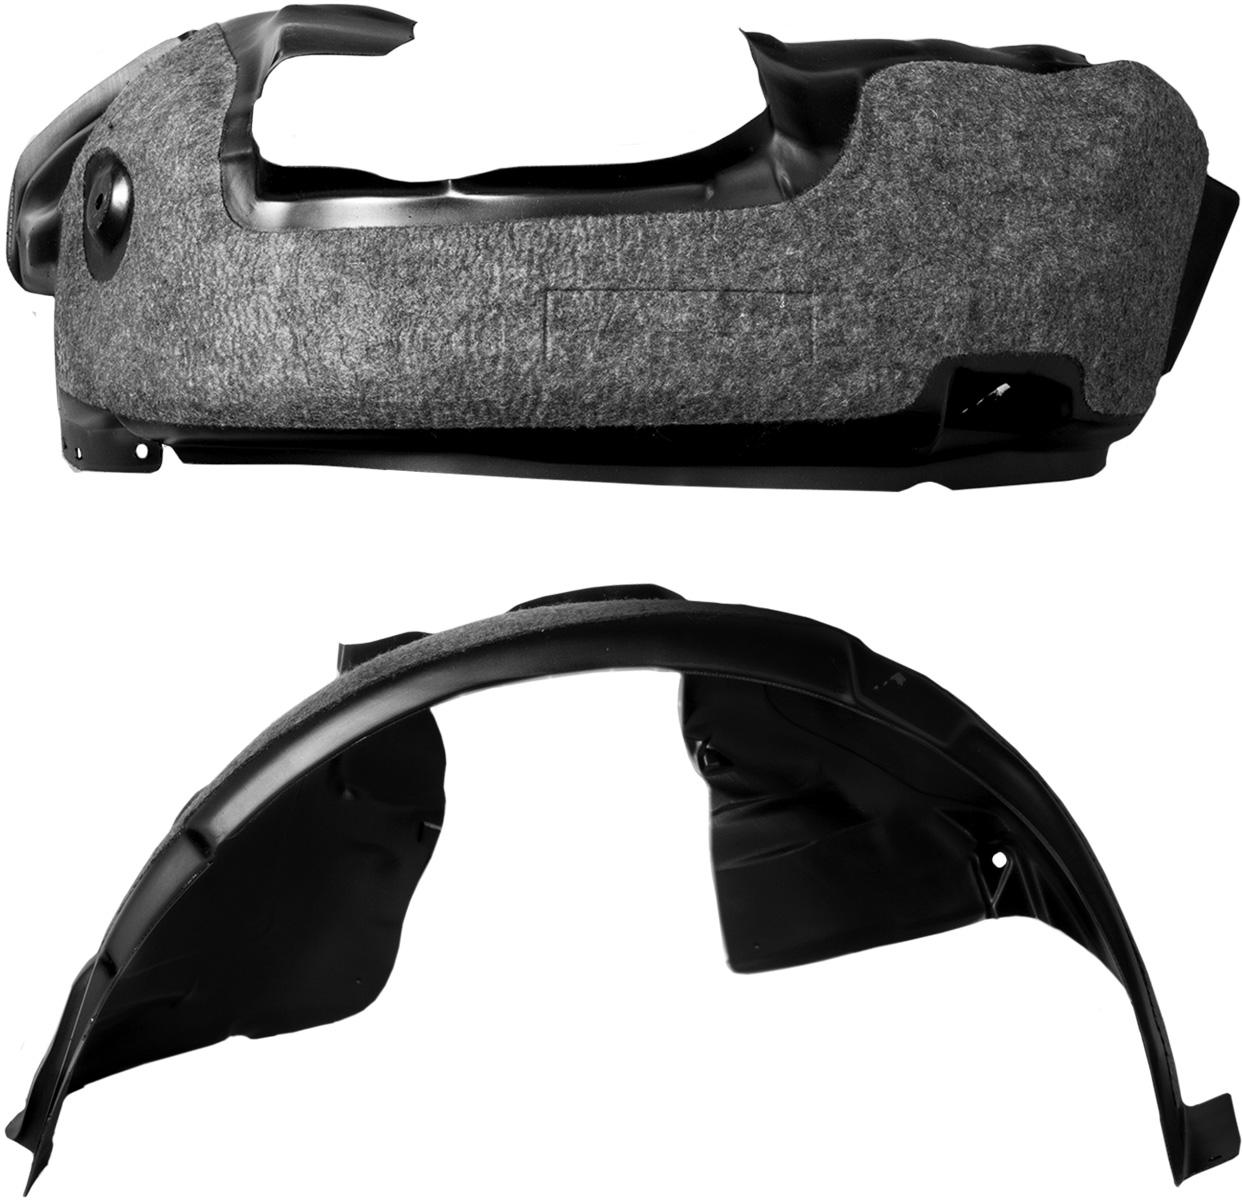 Подкрылок с шумоизоляцией Novline-Autofamily, для Hyundai Tucson кроссовер, 11/2015 -> (передний левый)1004900000360Подкрылок с шумоизоляцией - революционный продукт, совмещающий в себе все достоинства обычного подкрылка, и в то же время являющийся одним из наиболее эффективных средств борьбы с внешним шумом в салоне автомобиля. Подкрылки бренда Novline-Autofamily разрабатываются индивидуально для каждого автомобиля с использованием метода 3D-сканирования.В качестве шумоизолирующего слоя применяется легкое синтетическое нетканое полотно толщиной 10 мм, которое отталкивает влагу, сохраняет свои шумоизоляционные свойства на протяжении всего периода эксплуатации.Подкрылки с шумоизоляцией не имеют эксплуатационных ограничений и устанавливаются один раз на весь срок службы автомобиля.Подкрылки с шумоизоляцией не имеют аналогов и являются российским изобретением, получившим признание во всём мире. Уважаемые клиенты! Обращаем ваше внимание, фото может не полностью соответствовать оригиналу.